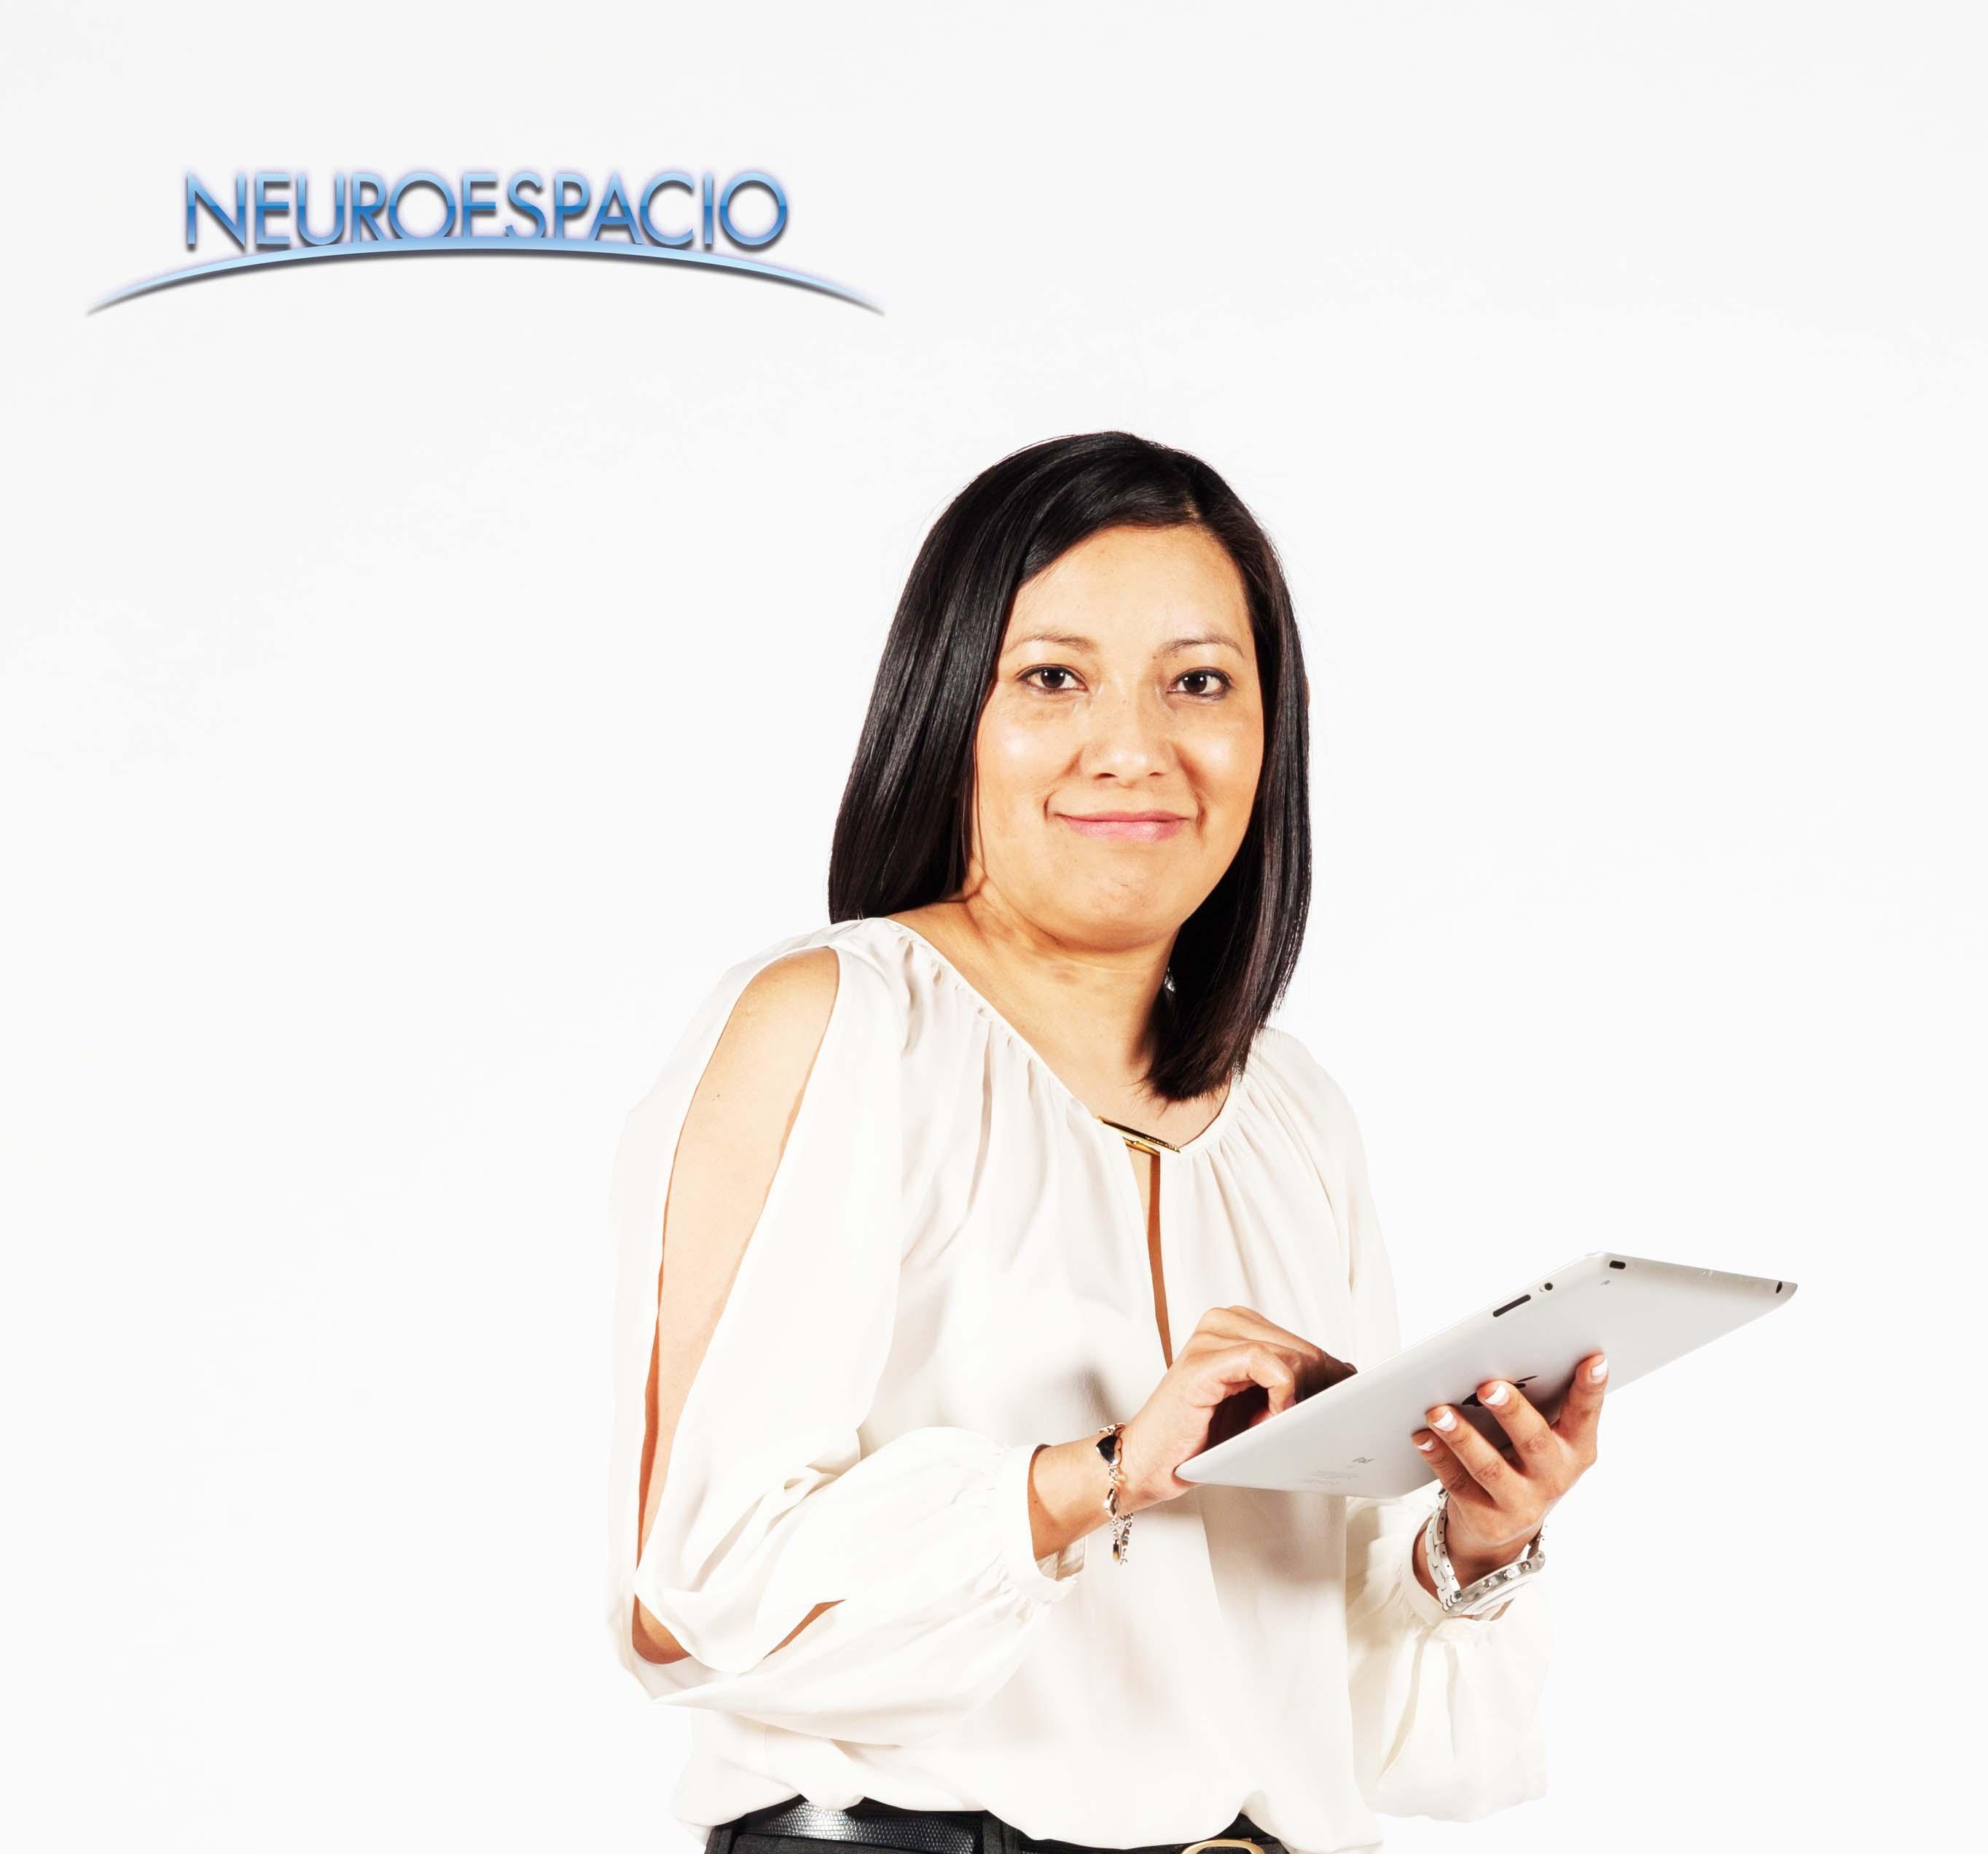 Neuroespacio 01_araceli-cv SALUD MENTAL Entrevistas  SALUD MENTAL Imagen Radio Dra. Araceli Martínez Crónicas de la Salud